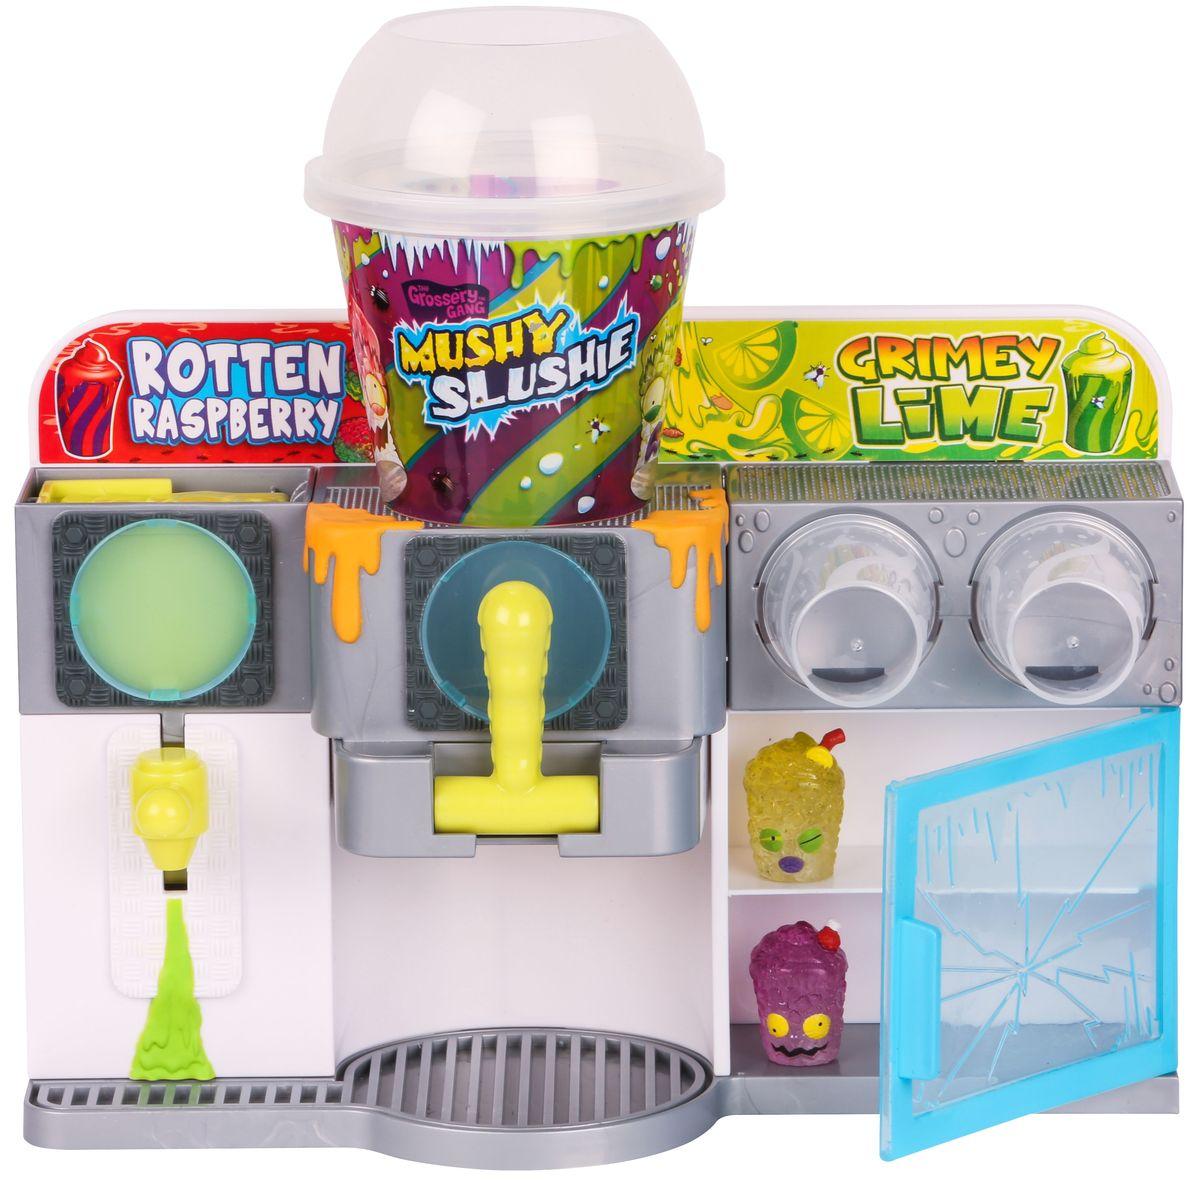 Grossery Gang Игровой набор Машина для приготовления коктейлей690051 x игровой набор 2 x эксклюзивные фигурки 1 x листовка